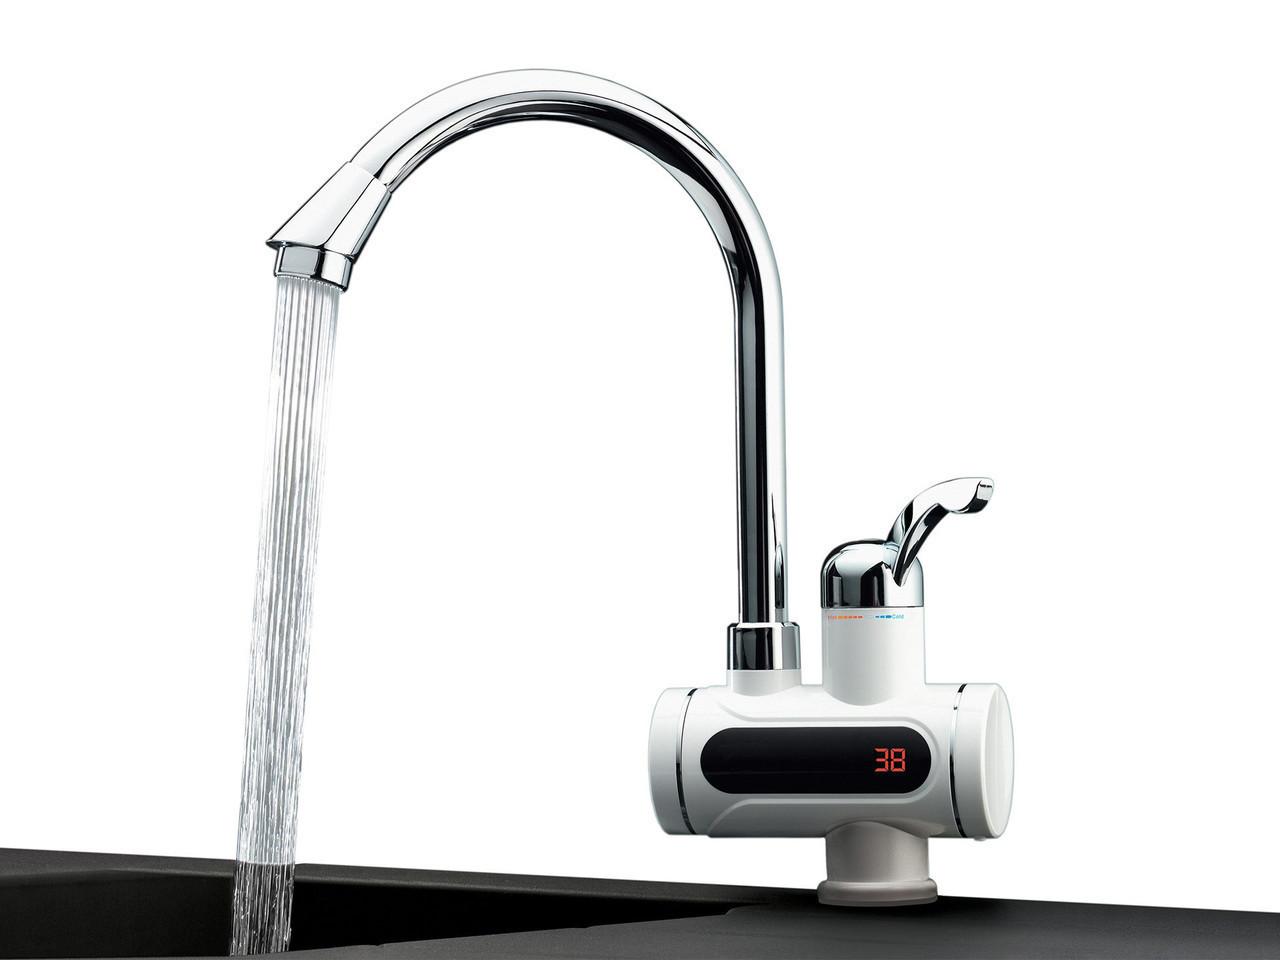 Проточний водонагрівач Delimano з екраном, кран миттєвого нагріву води, бойлер в стилі Делімано бокове